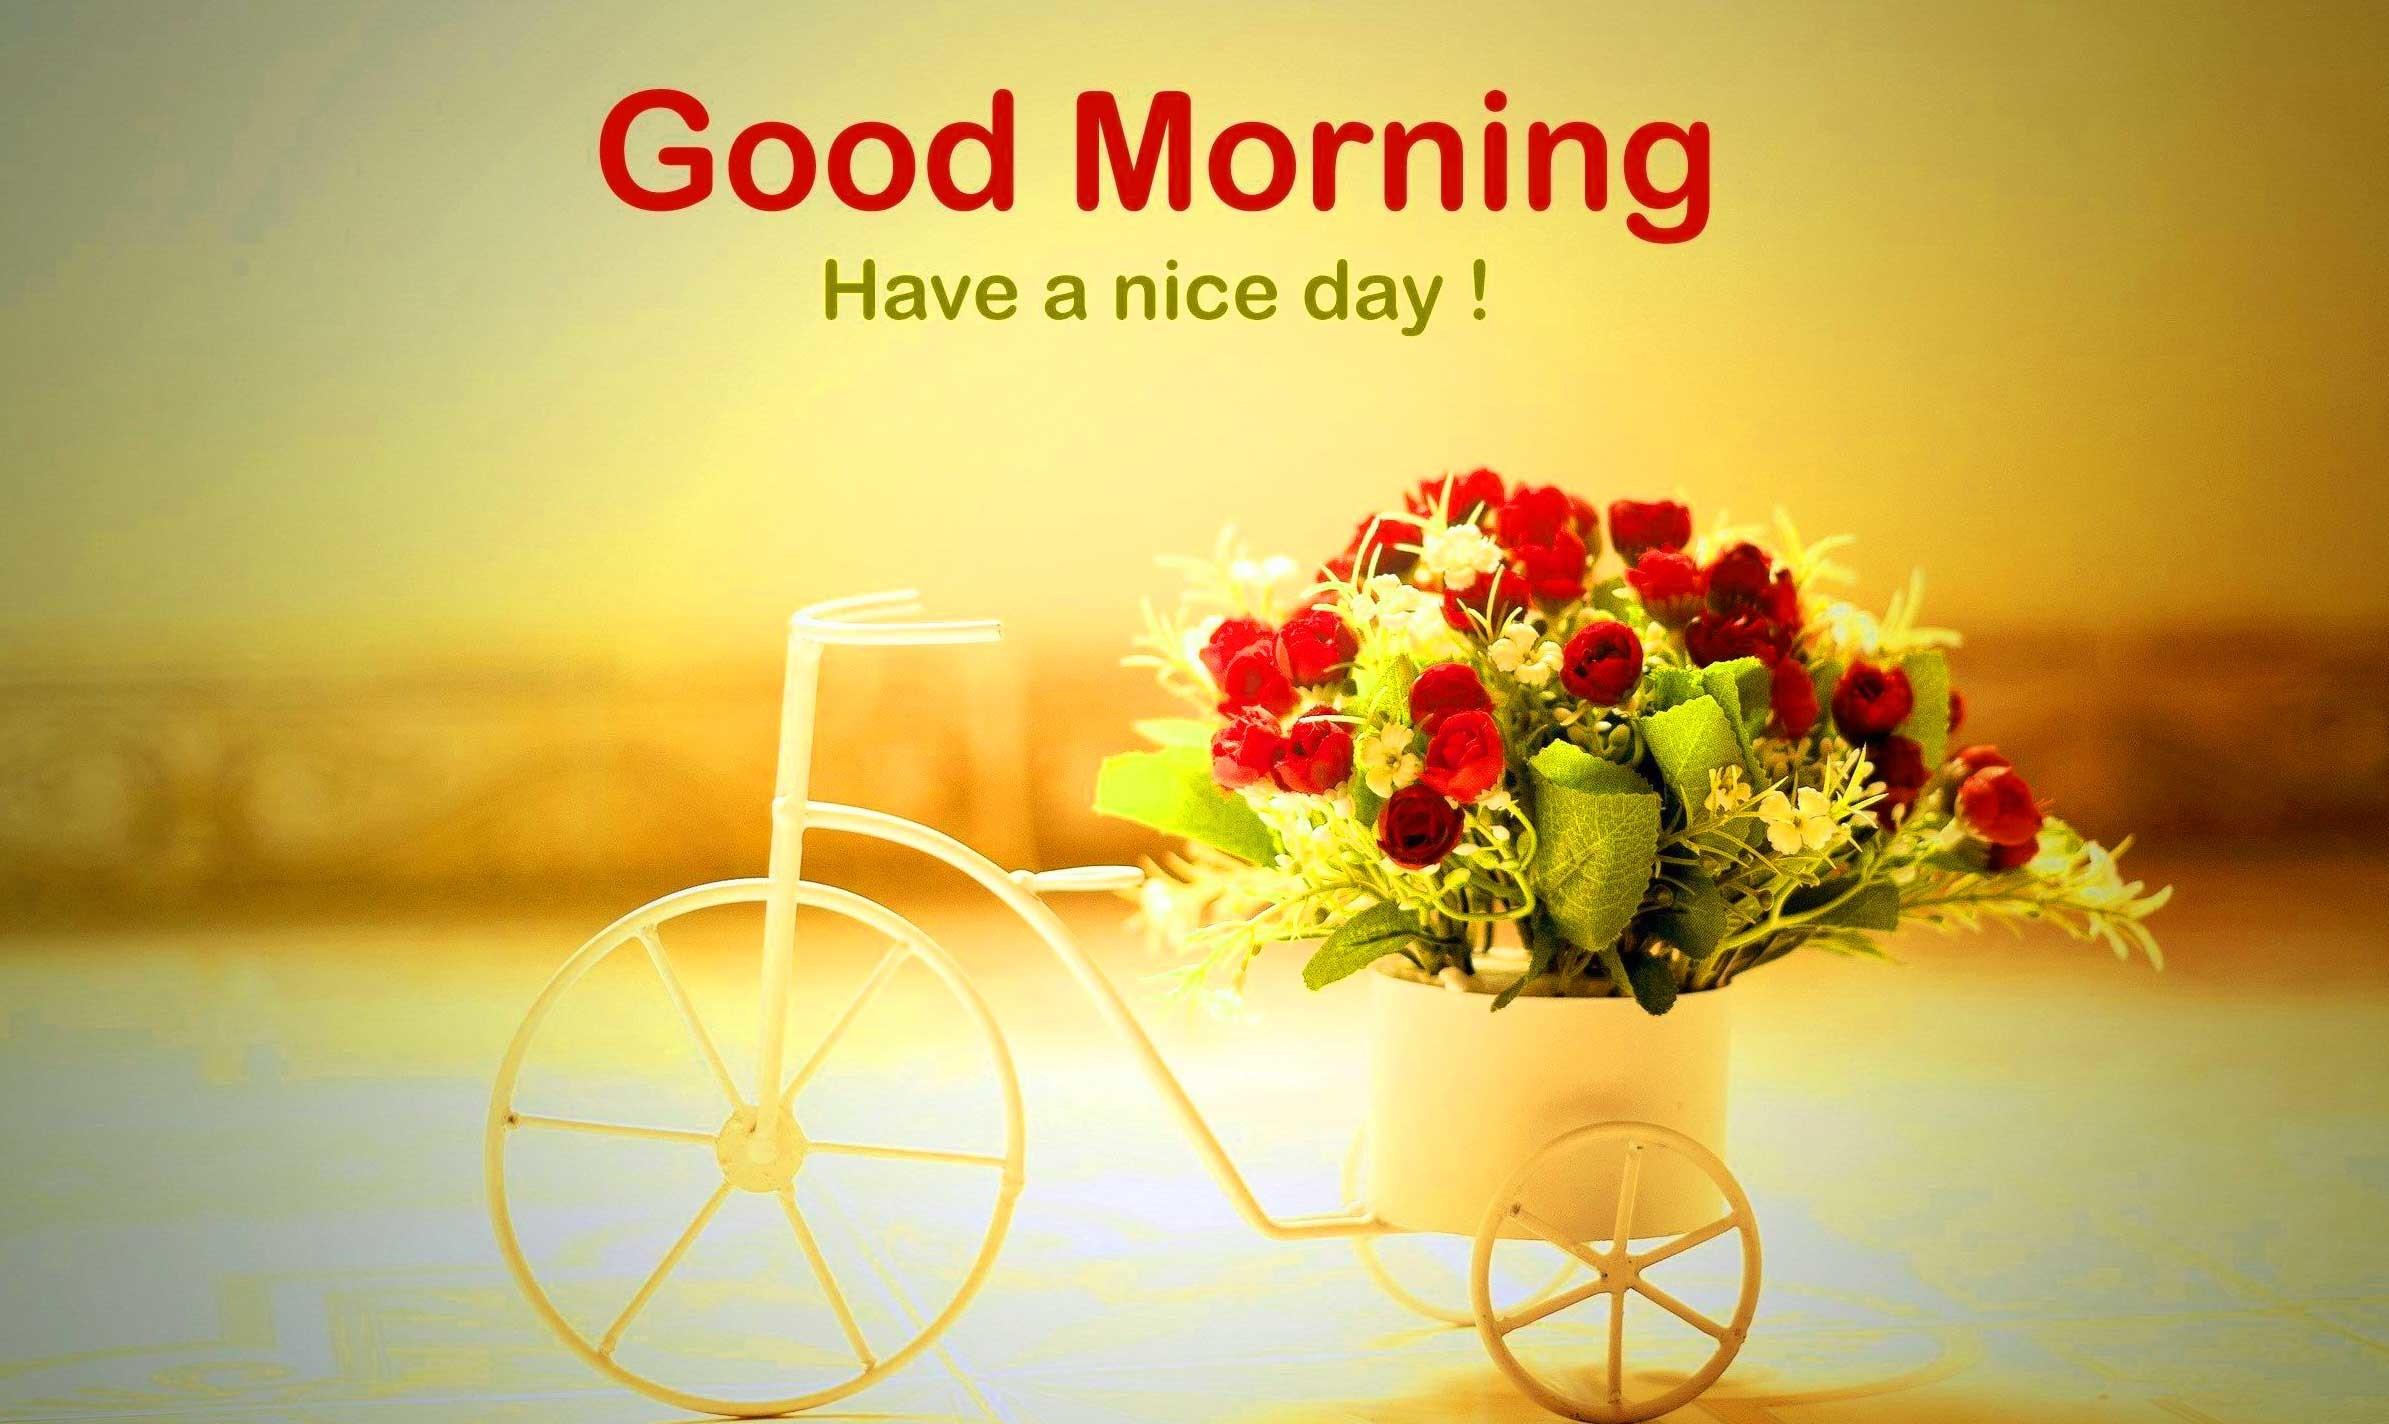 ... tôi sẽ gửi đến bạn những hình ảnh chào buổi sáng sinh động và ấm áp, an lành nhất để giúp bạn có một tiền đề cho ngày mới tươi đẹp hơn.